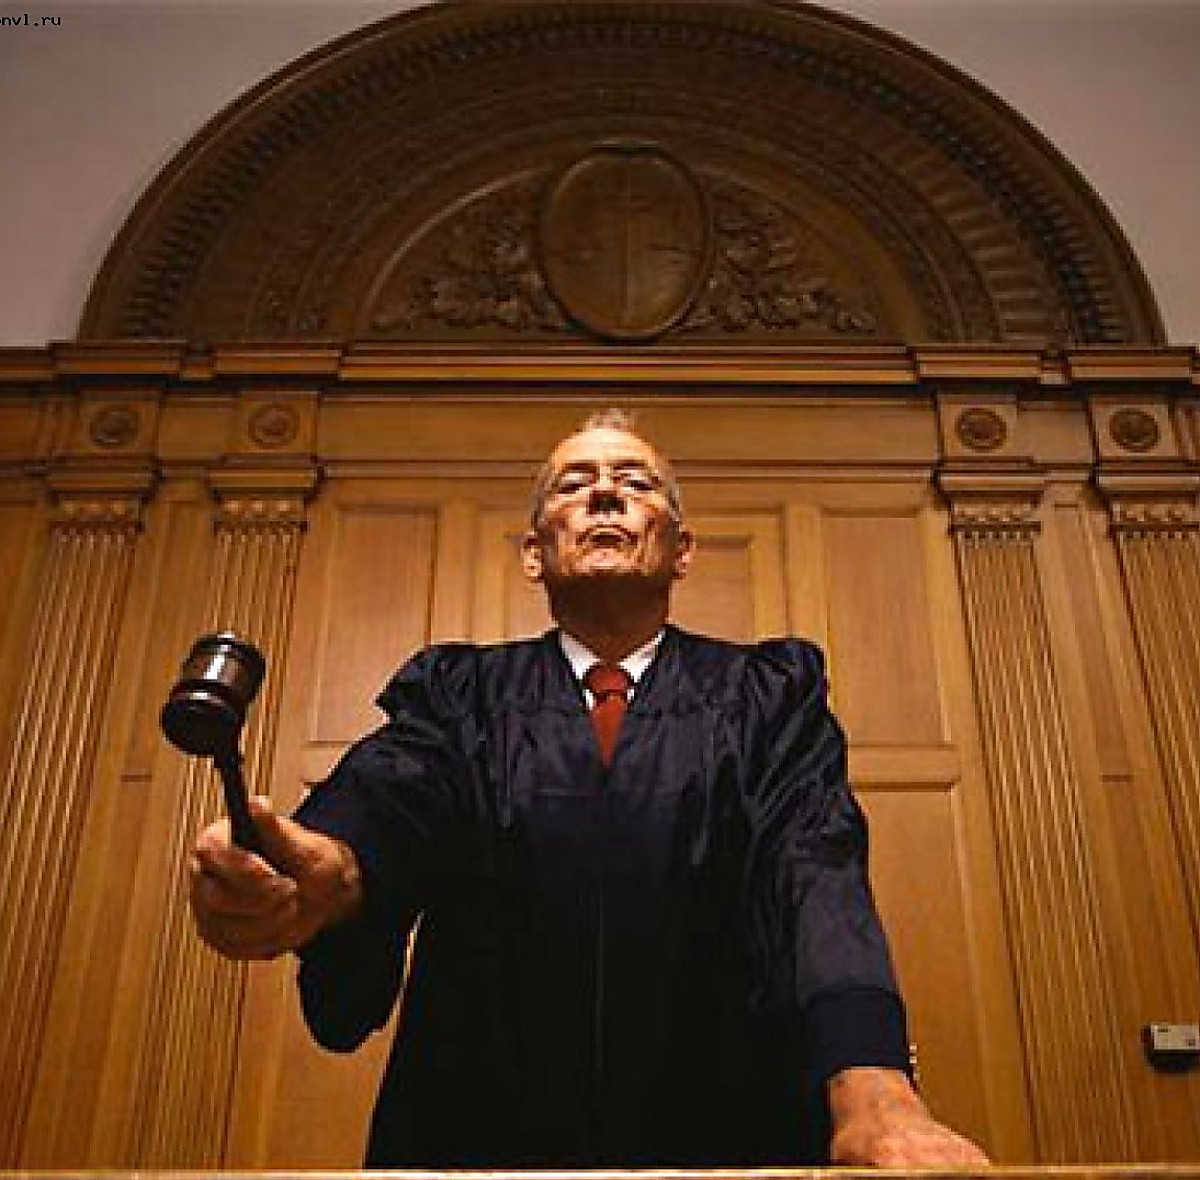 Судья сказала чтобы все кончали на осужденную, сиськи малые соски